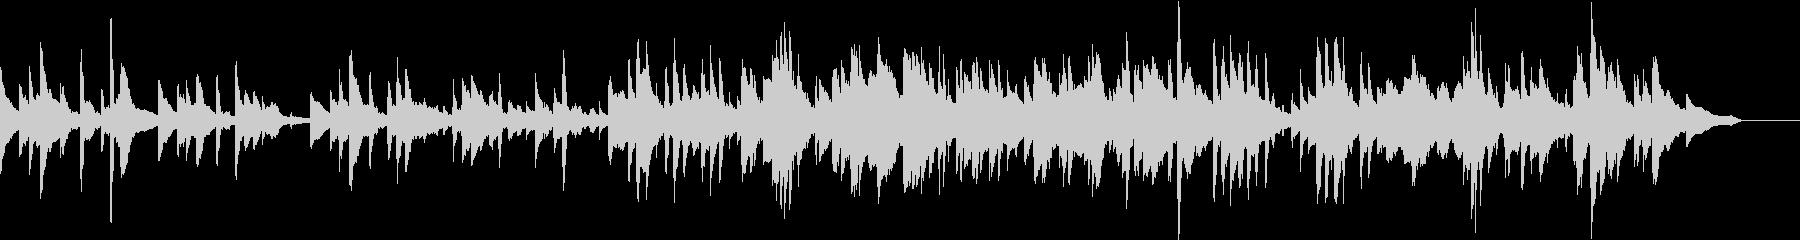 生演奏 悲しげなメロディのピアノの未再生の波形